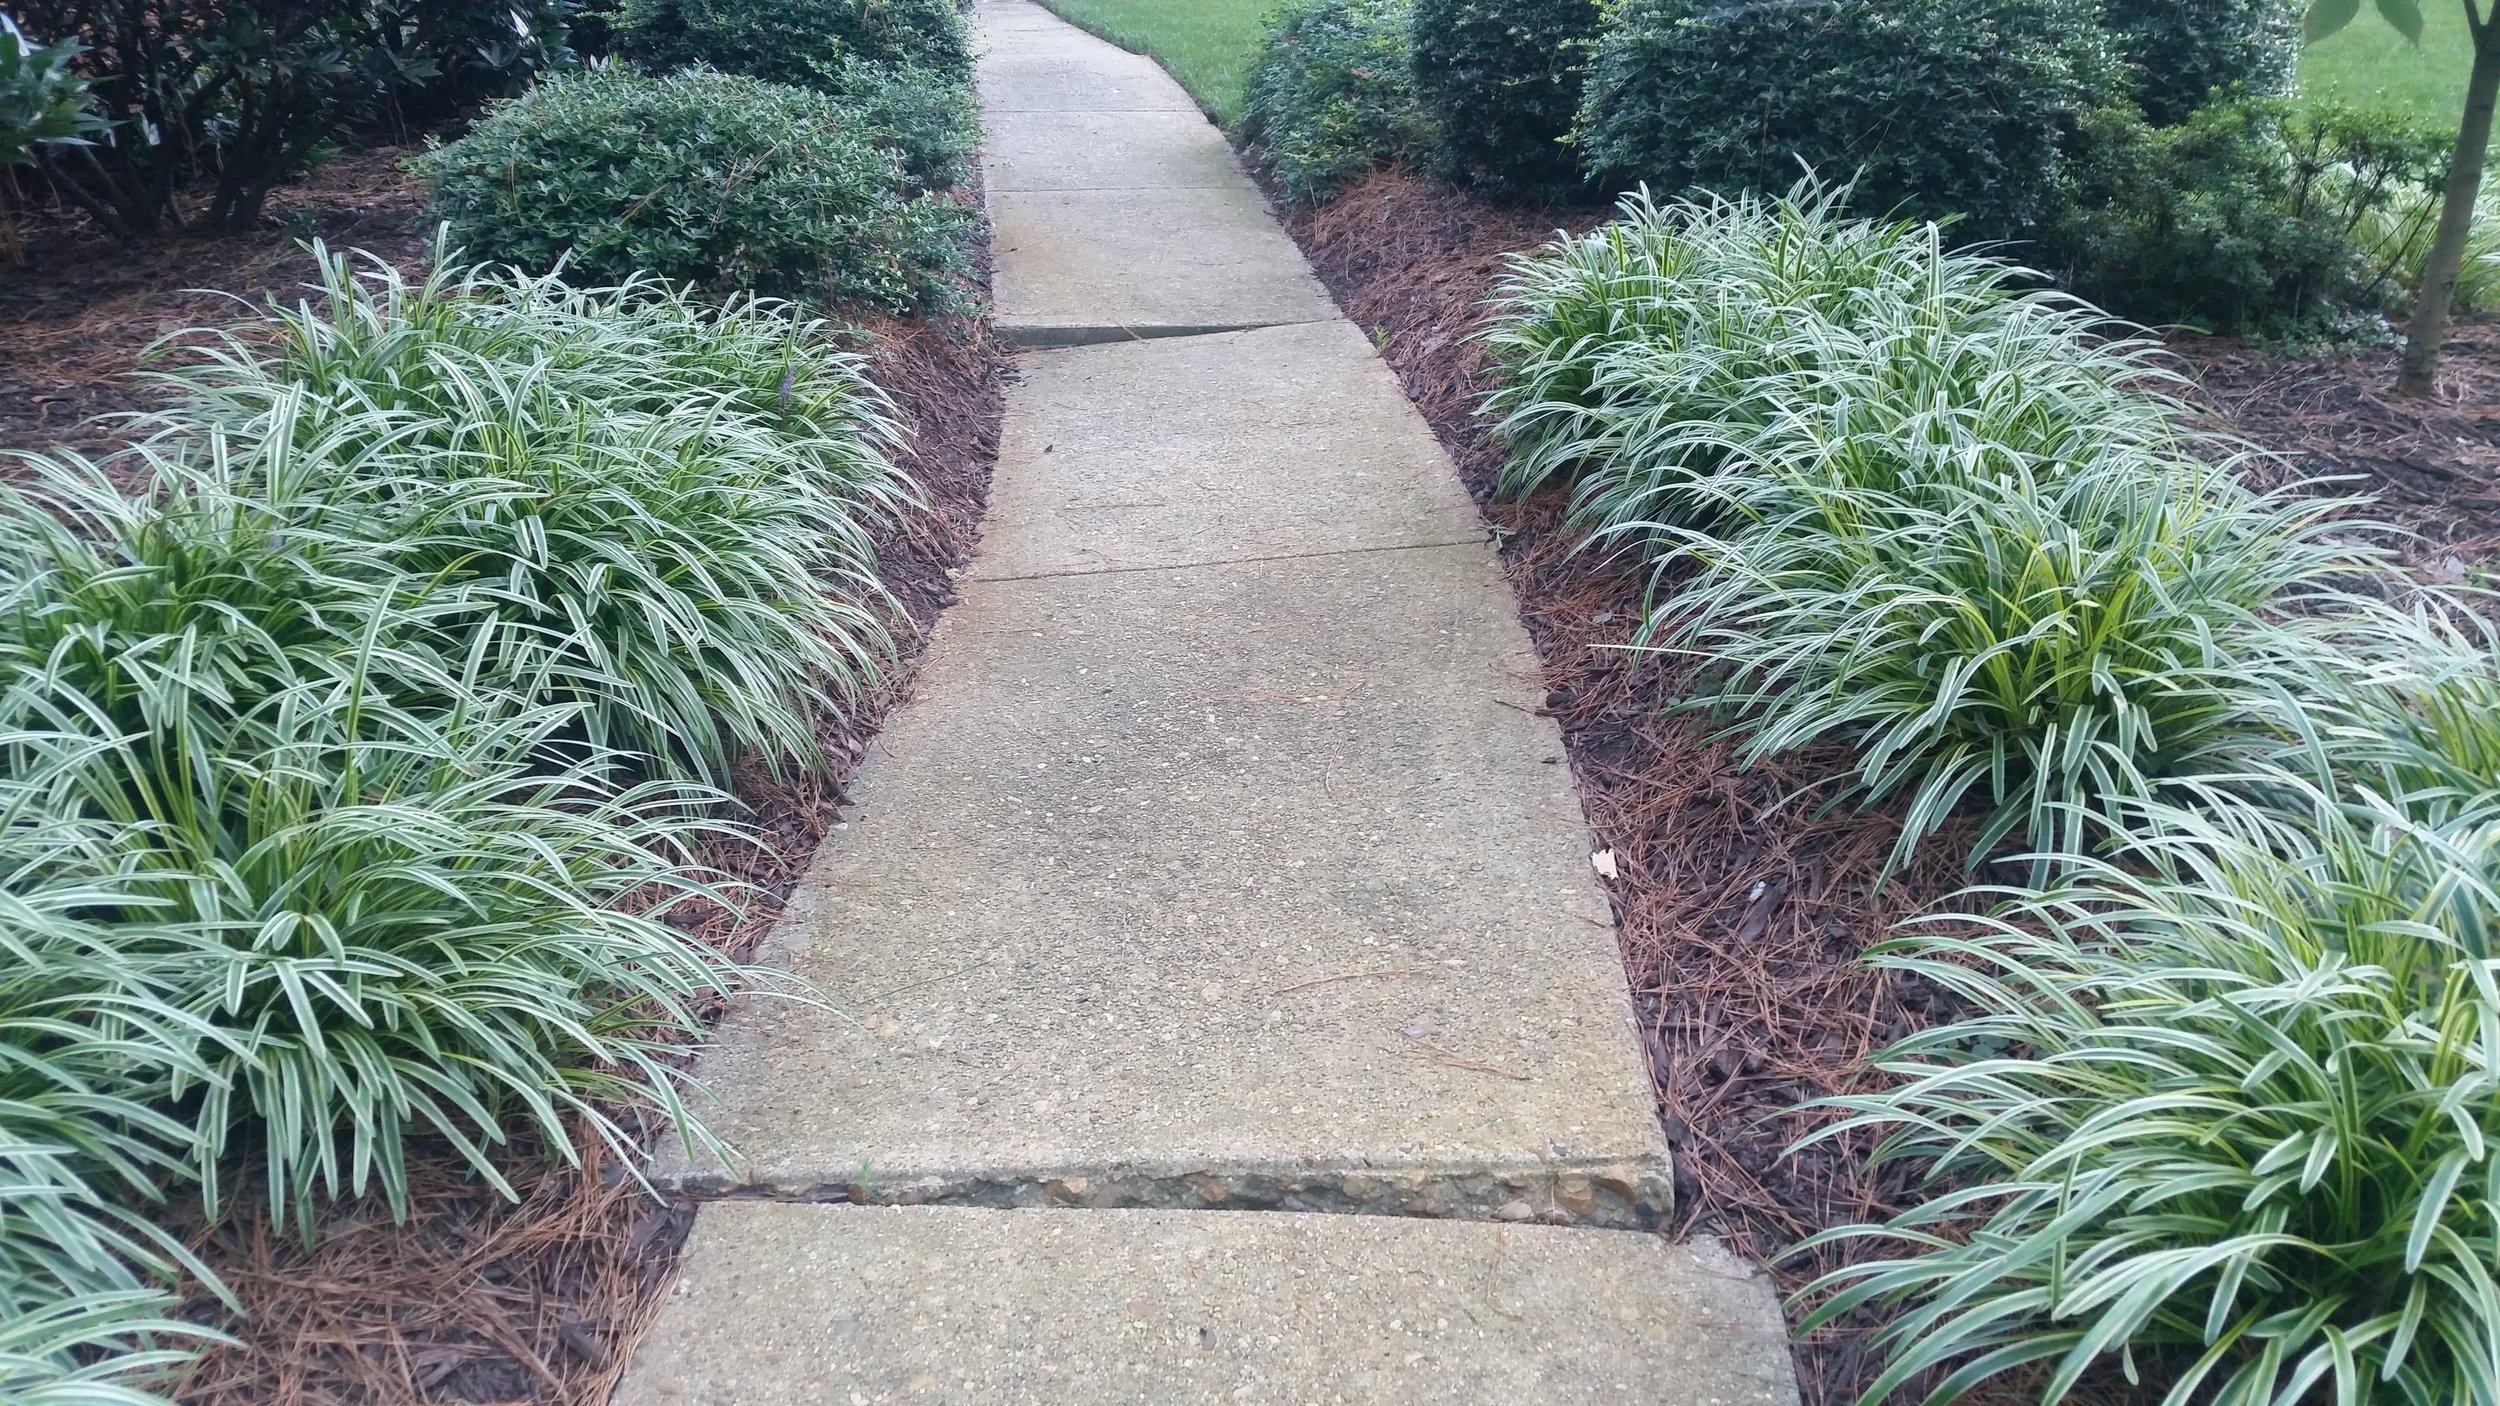 unsafe_uneven_sidewalk.jpg